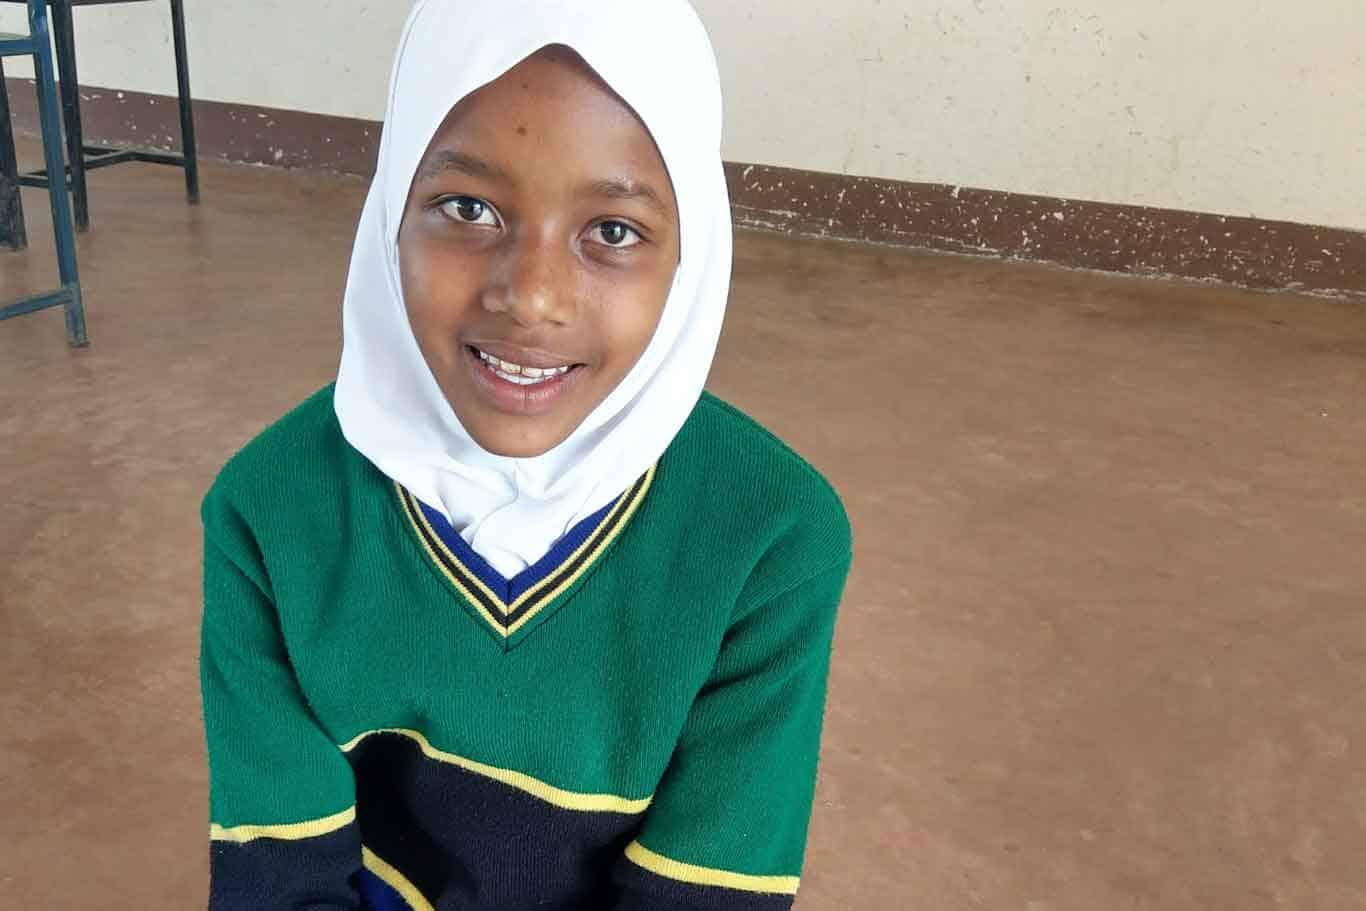 Misha, Challo Primary School in rural Tanzania.